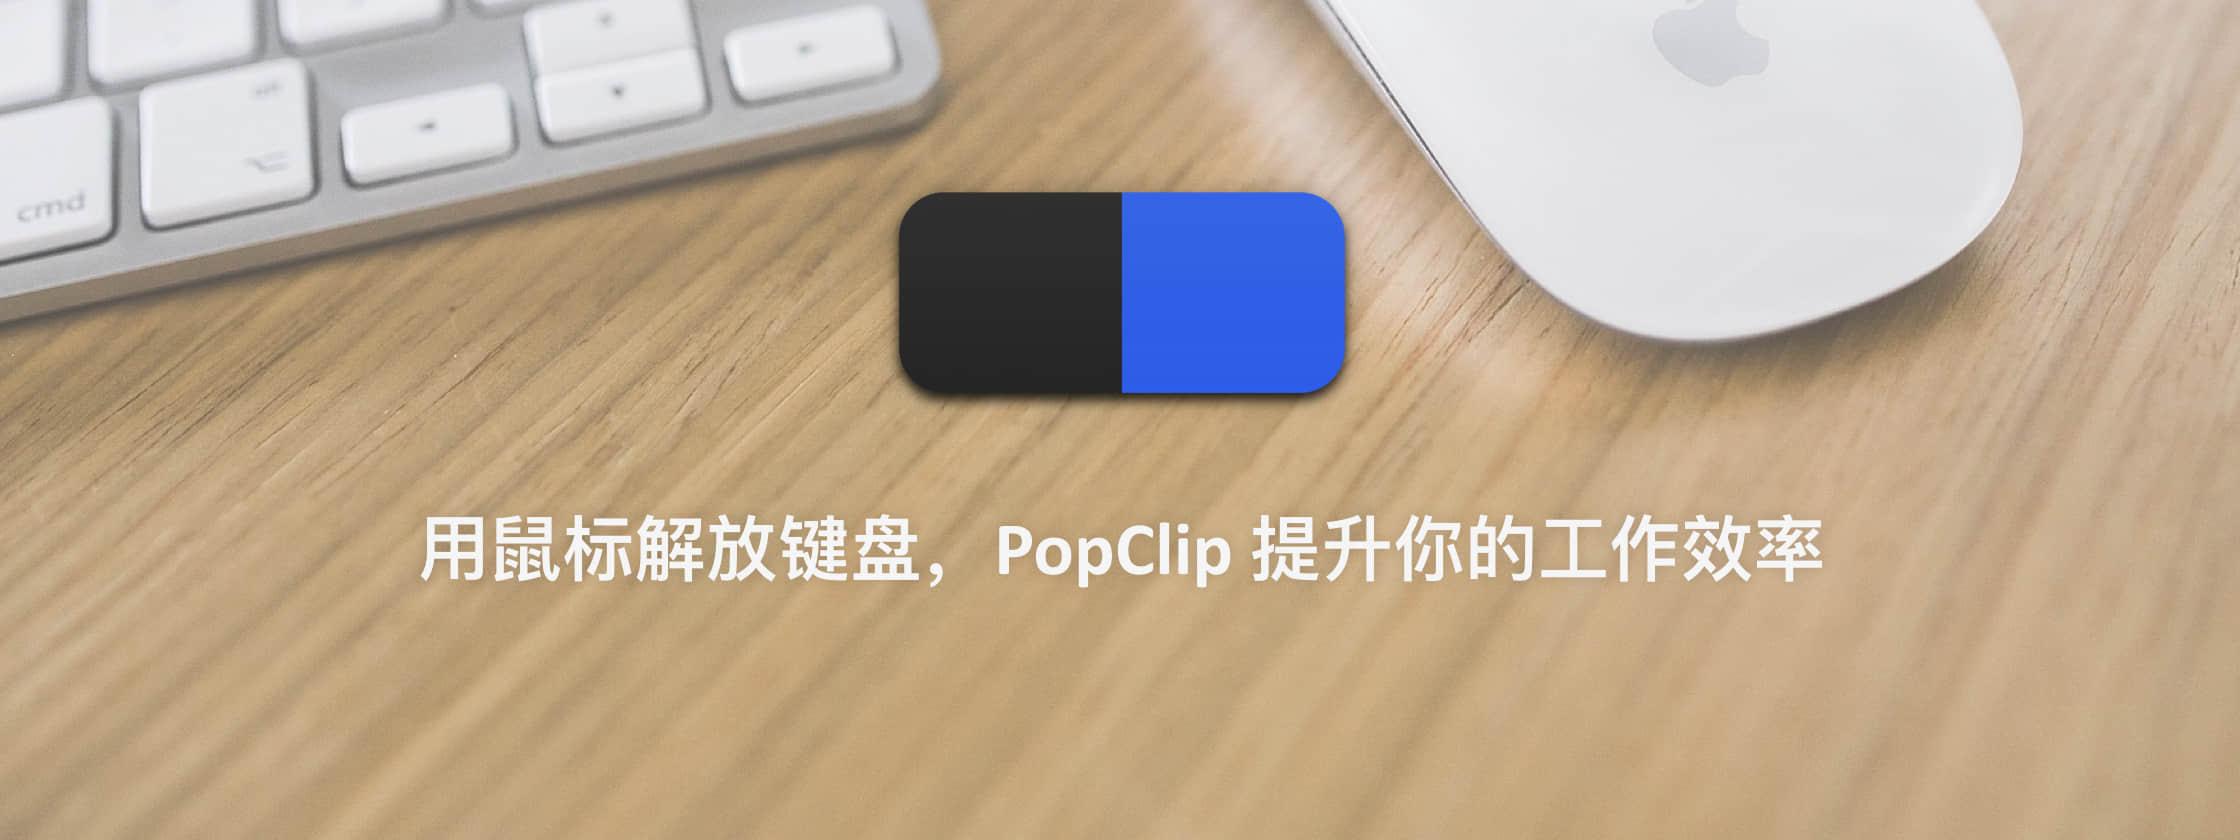 两年后终于更新!用 PopClip 解放你的键盘